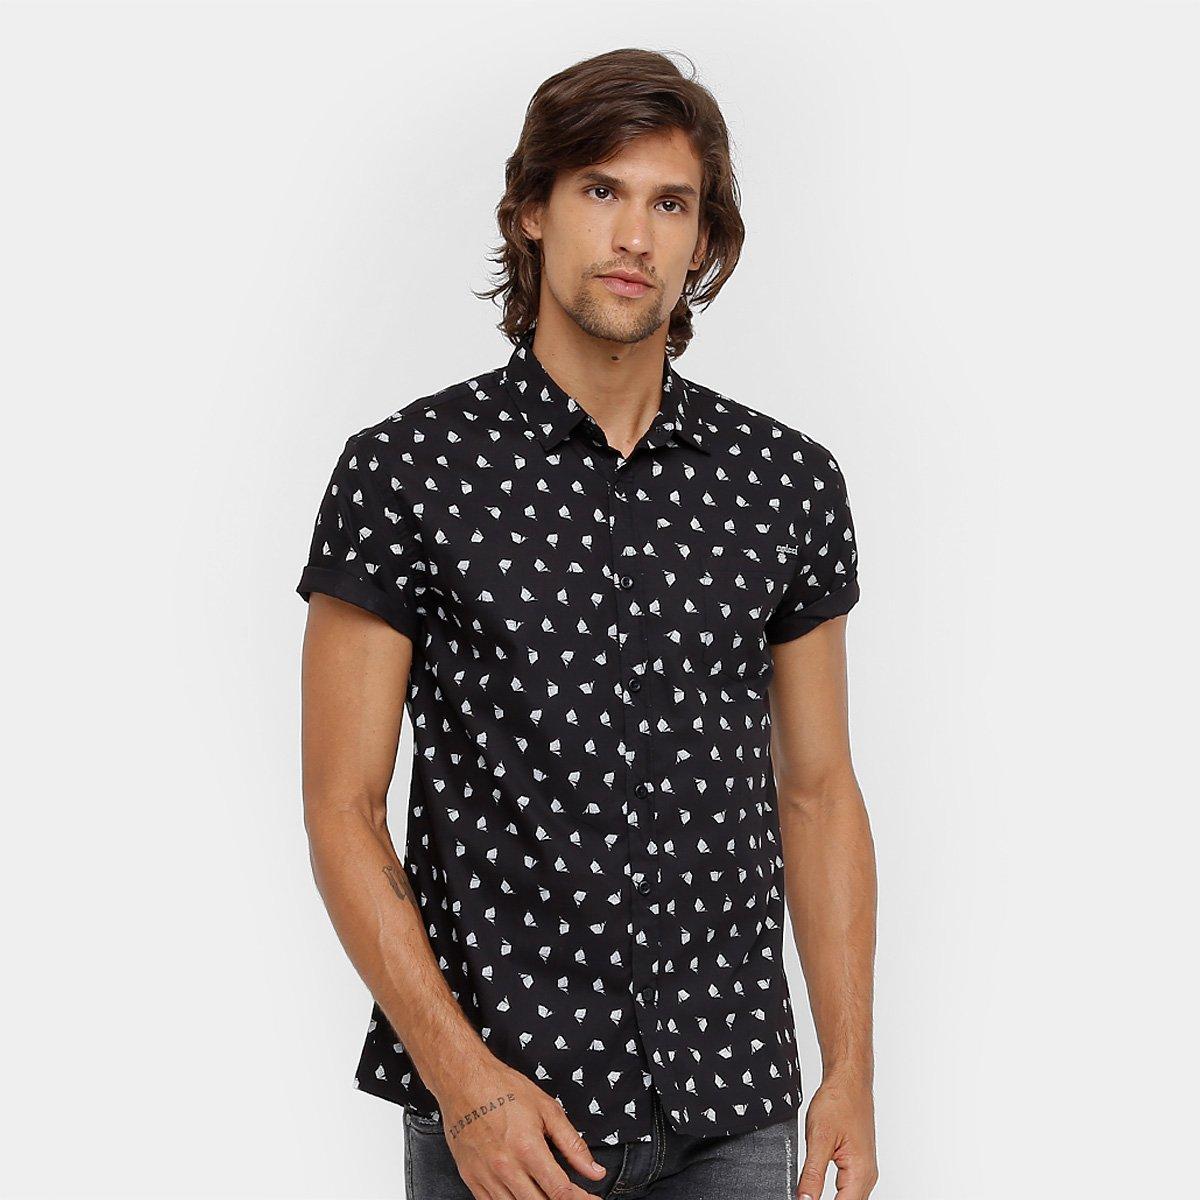 09b60da08b Camisa Colcci Manga Curta Estampada Bolso Masculina - Compre Agora ...